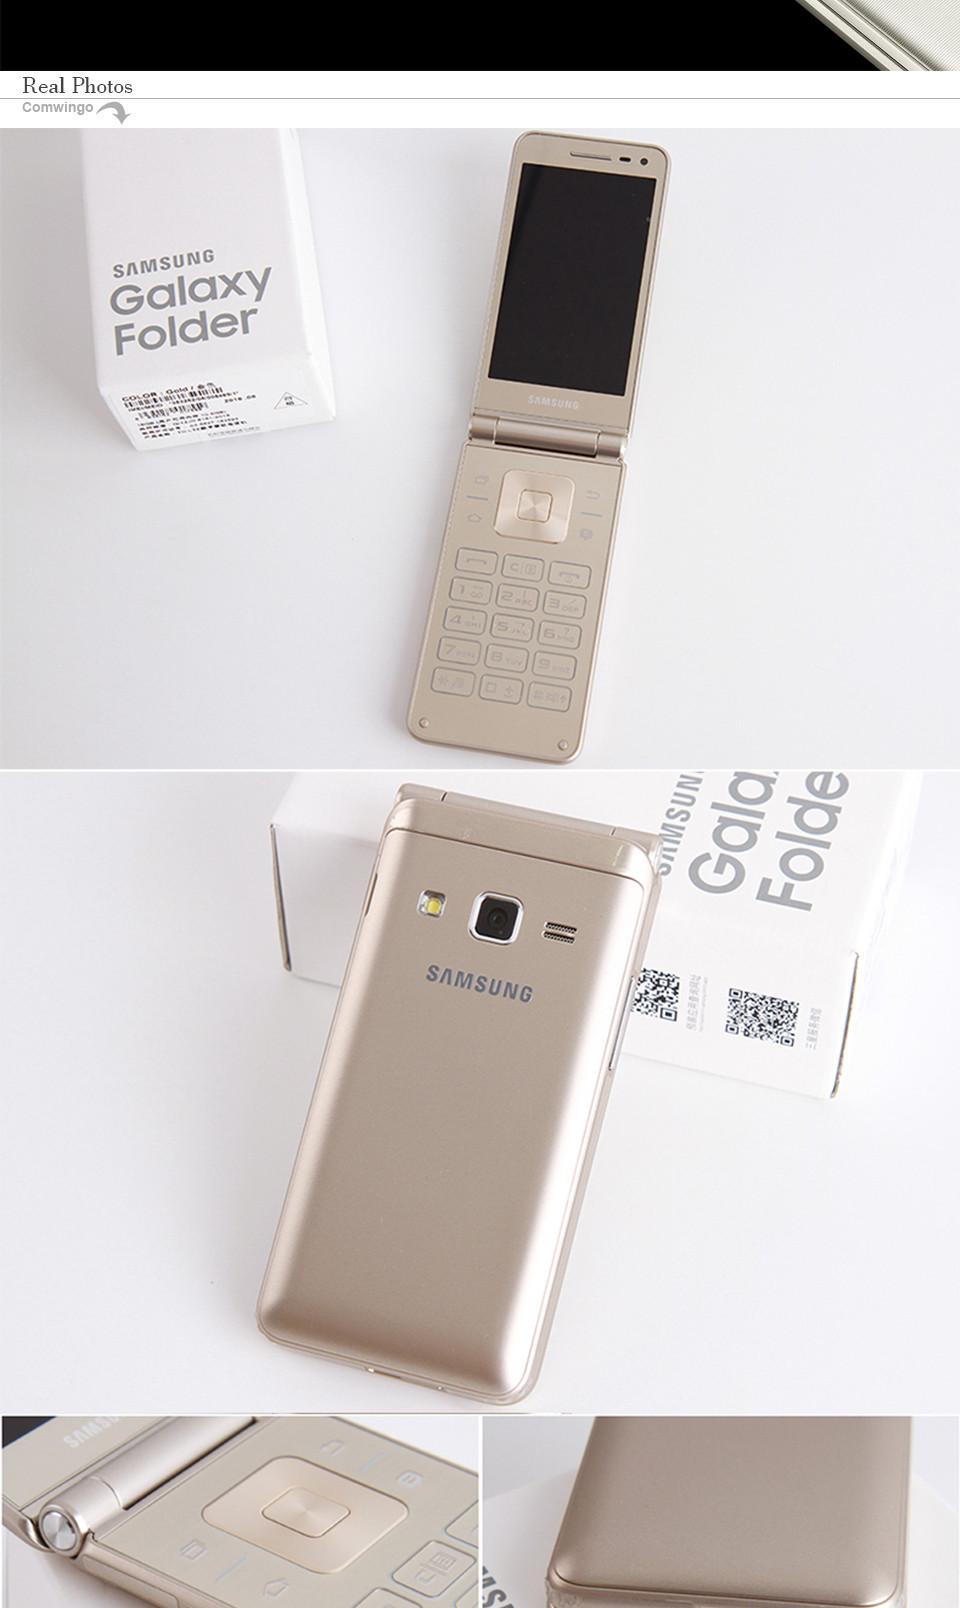 №Originale Per Samsung Galaxy Cartella G1600 (2016) Dual SIM LTE ... 9a9f997f9cb2